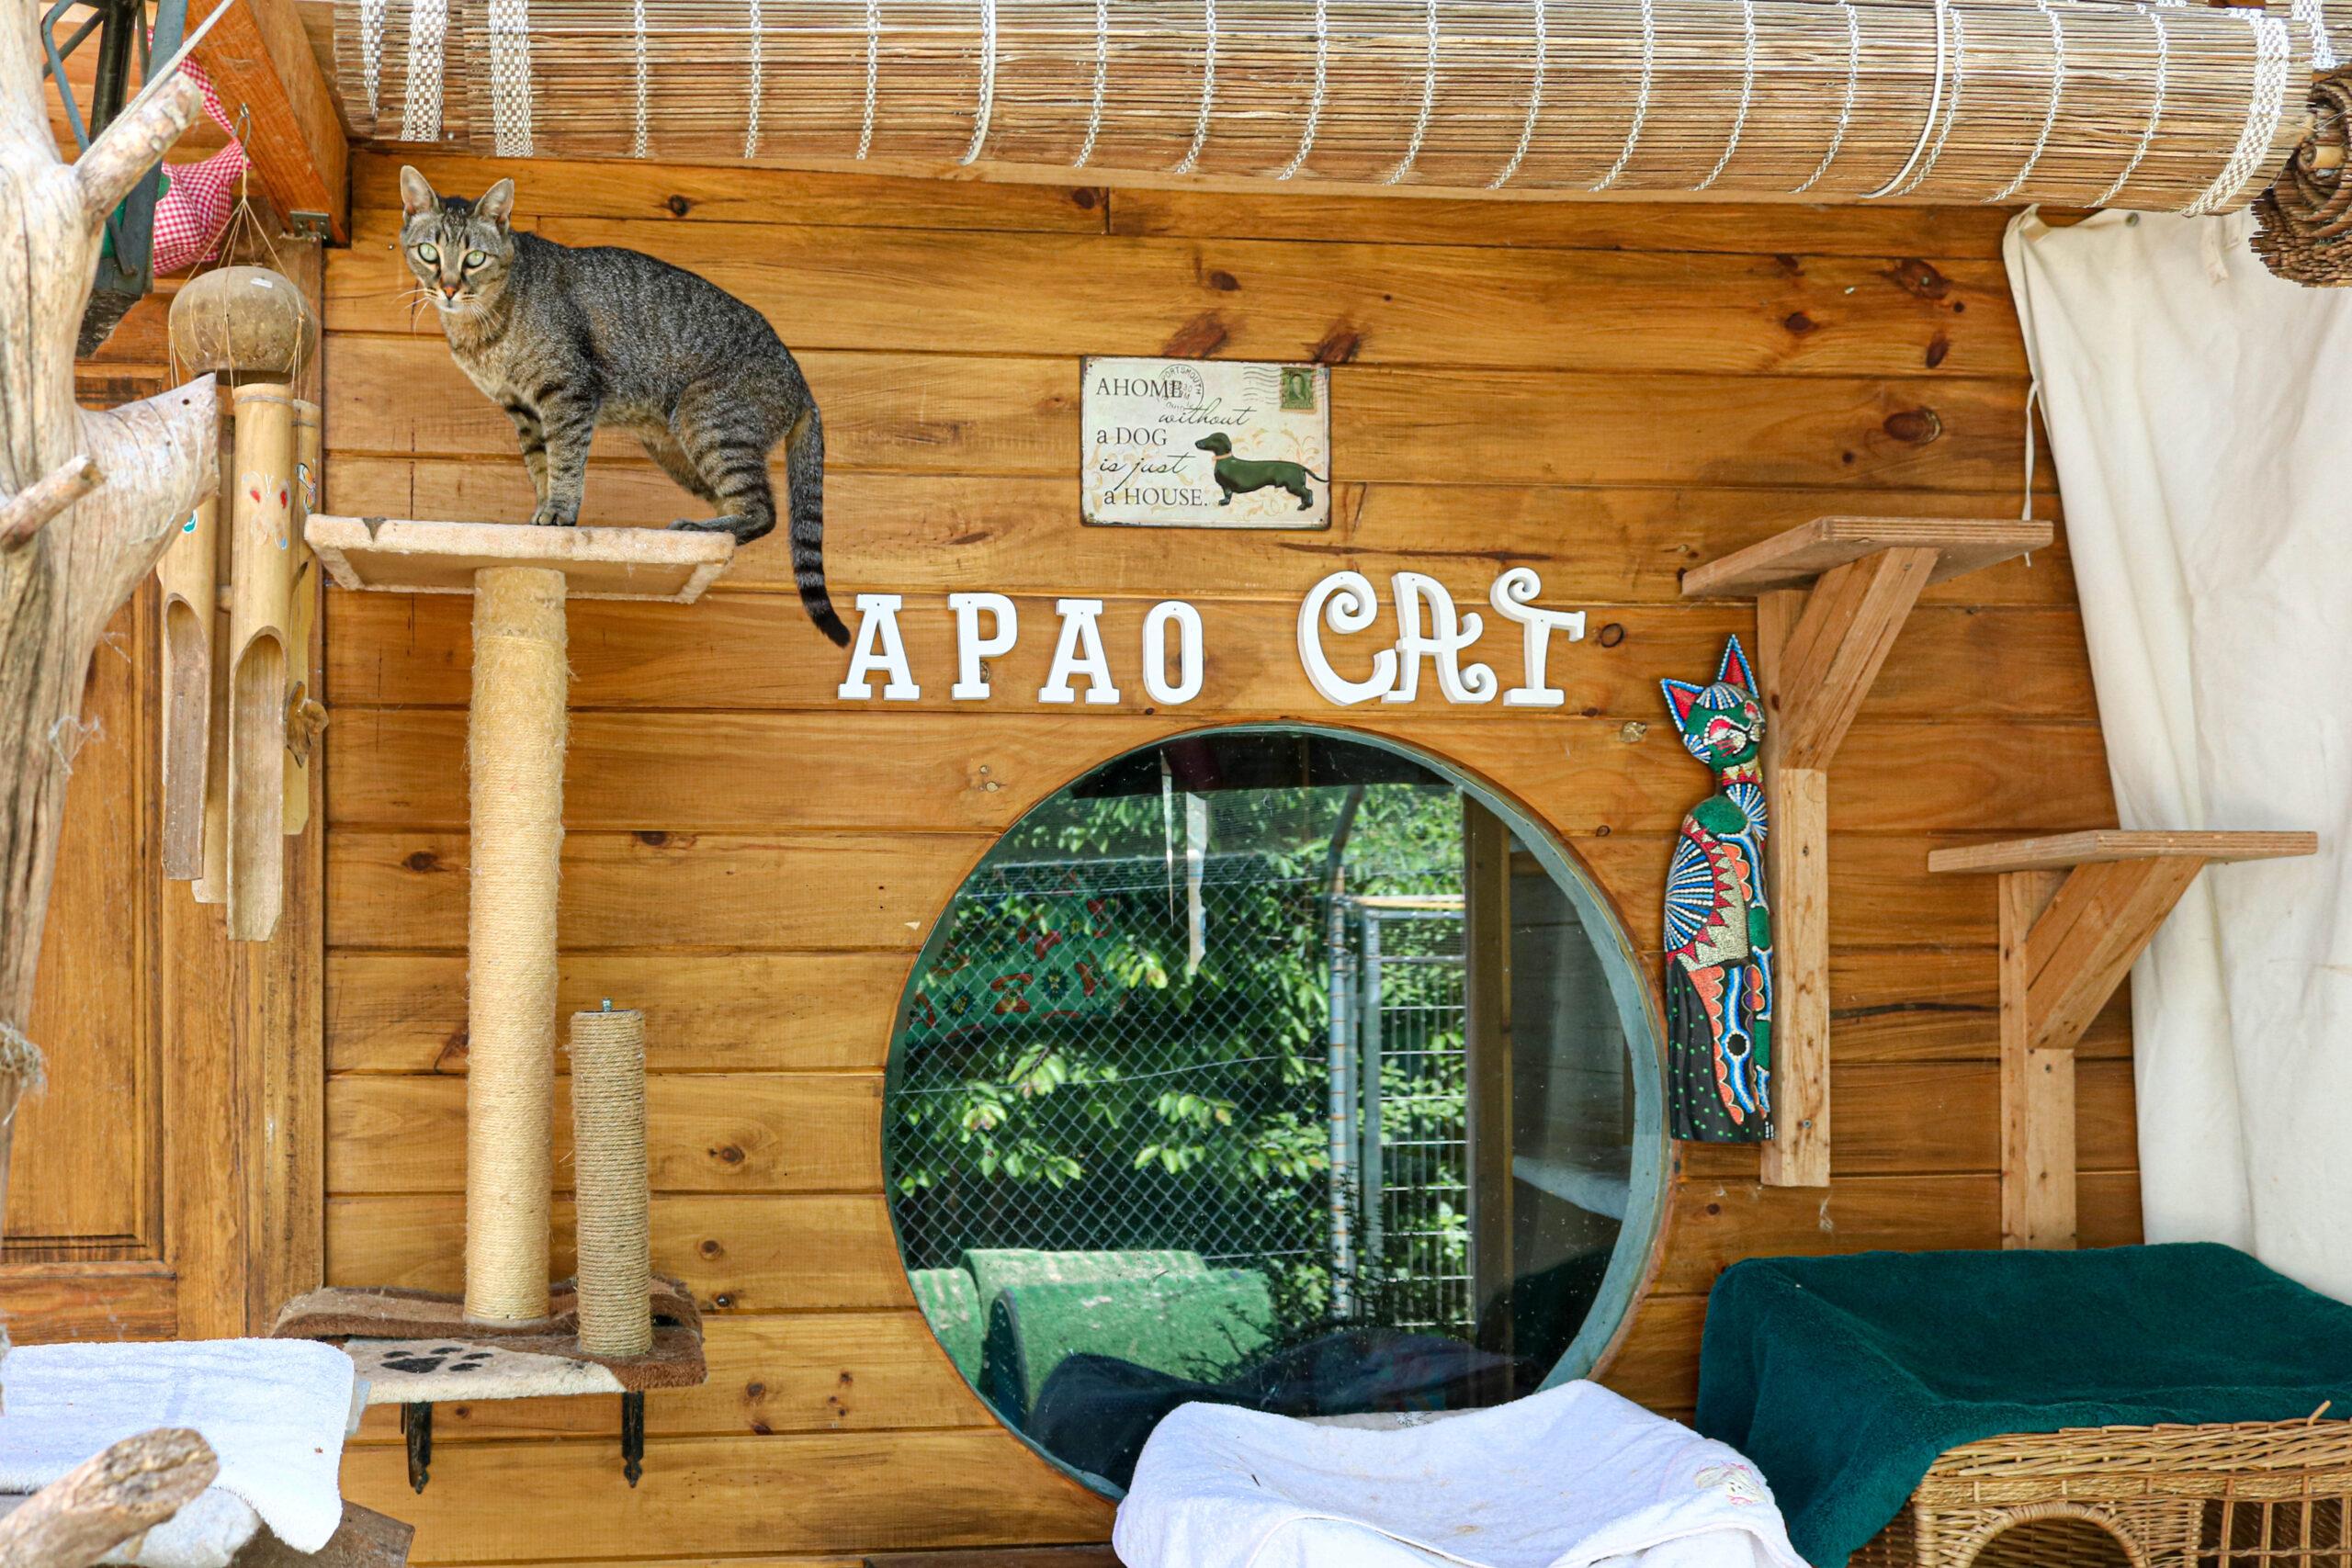 APAO CAT